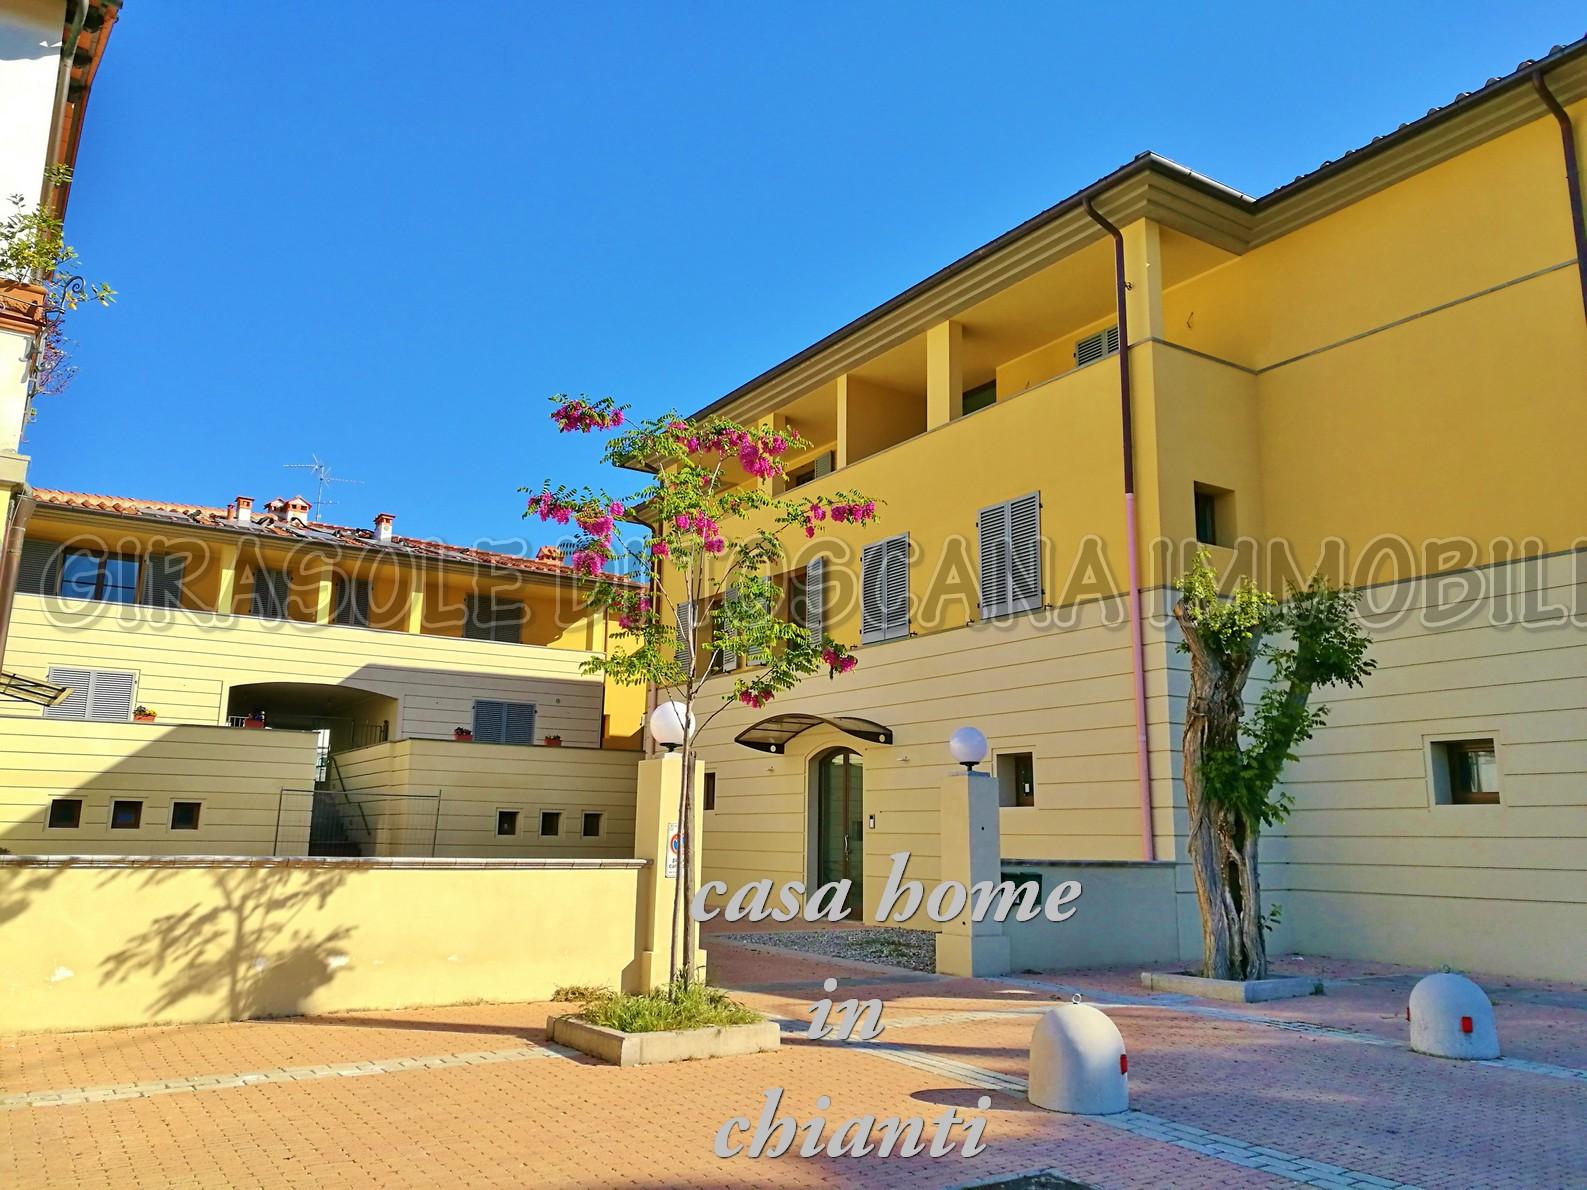 Grande appartamento cerbaia con loggia girasole di toscana for 3 piani da appartamento con 2 bagni e garage